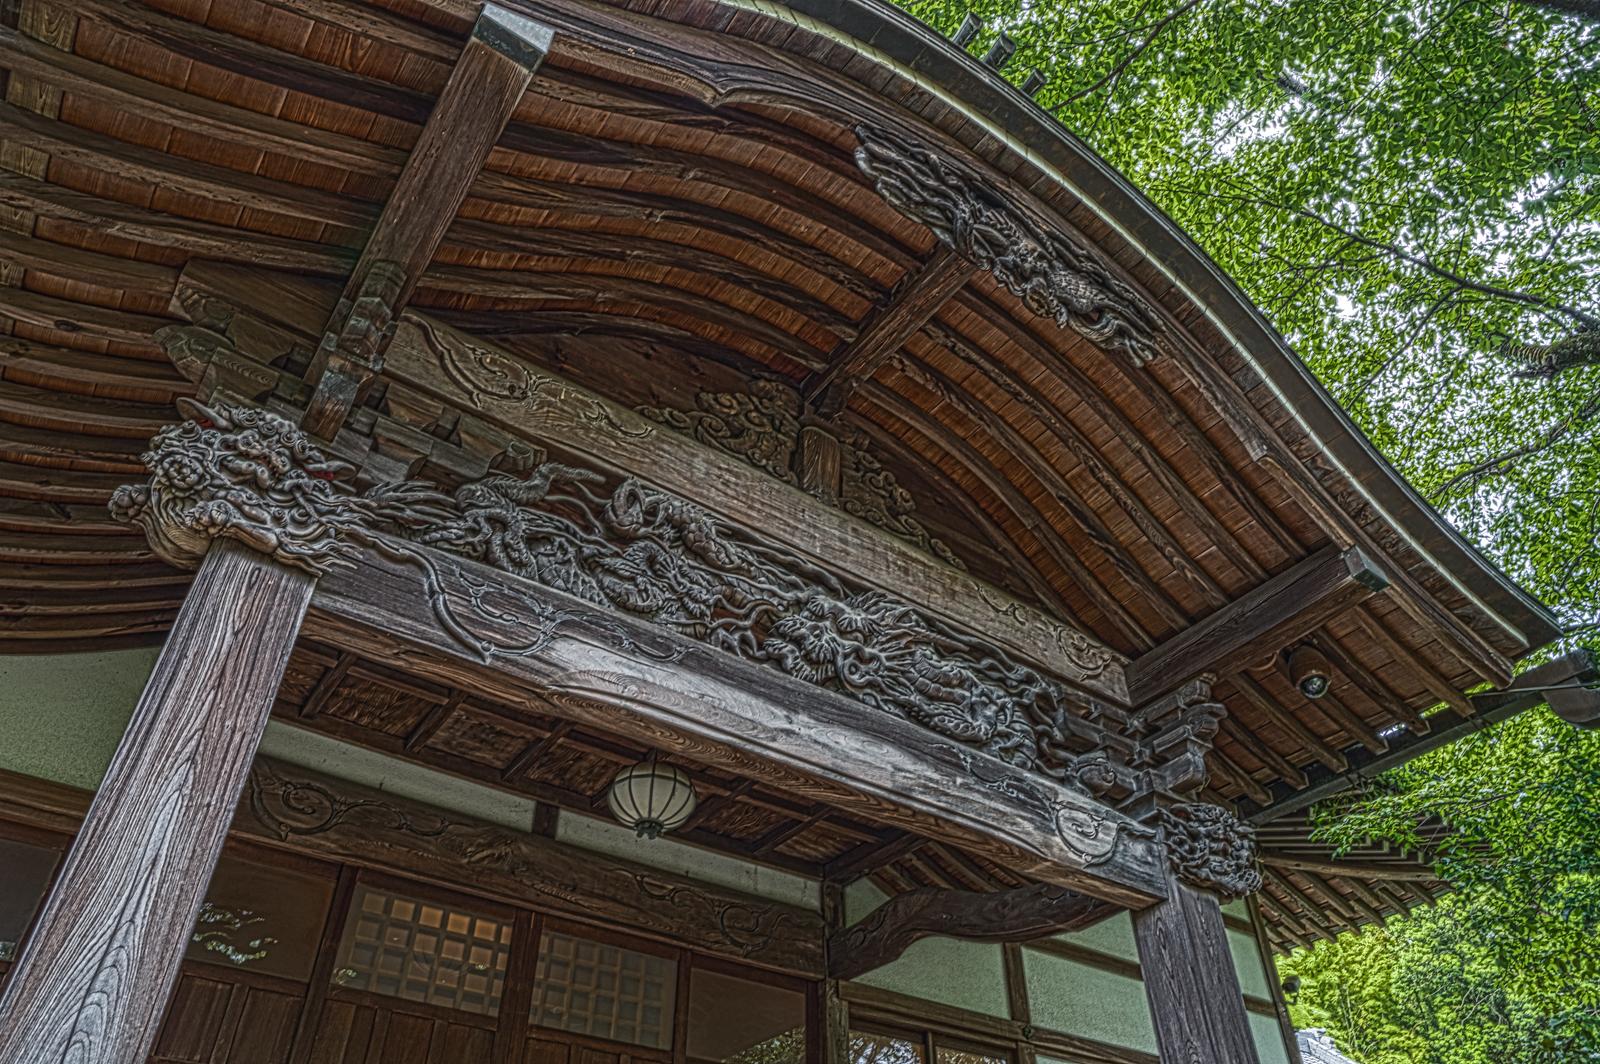 武蔵國分寺本殿を横から撮影した写真